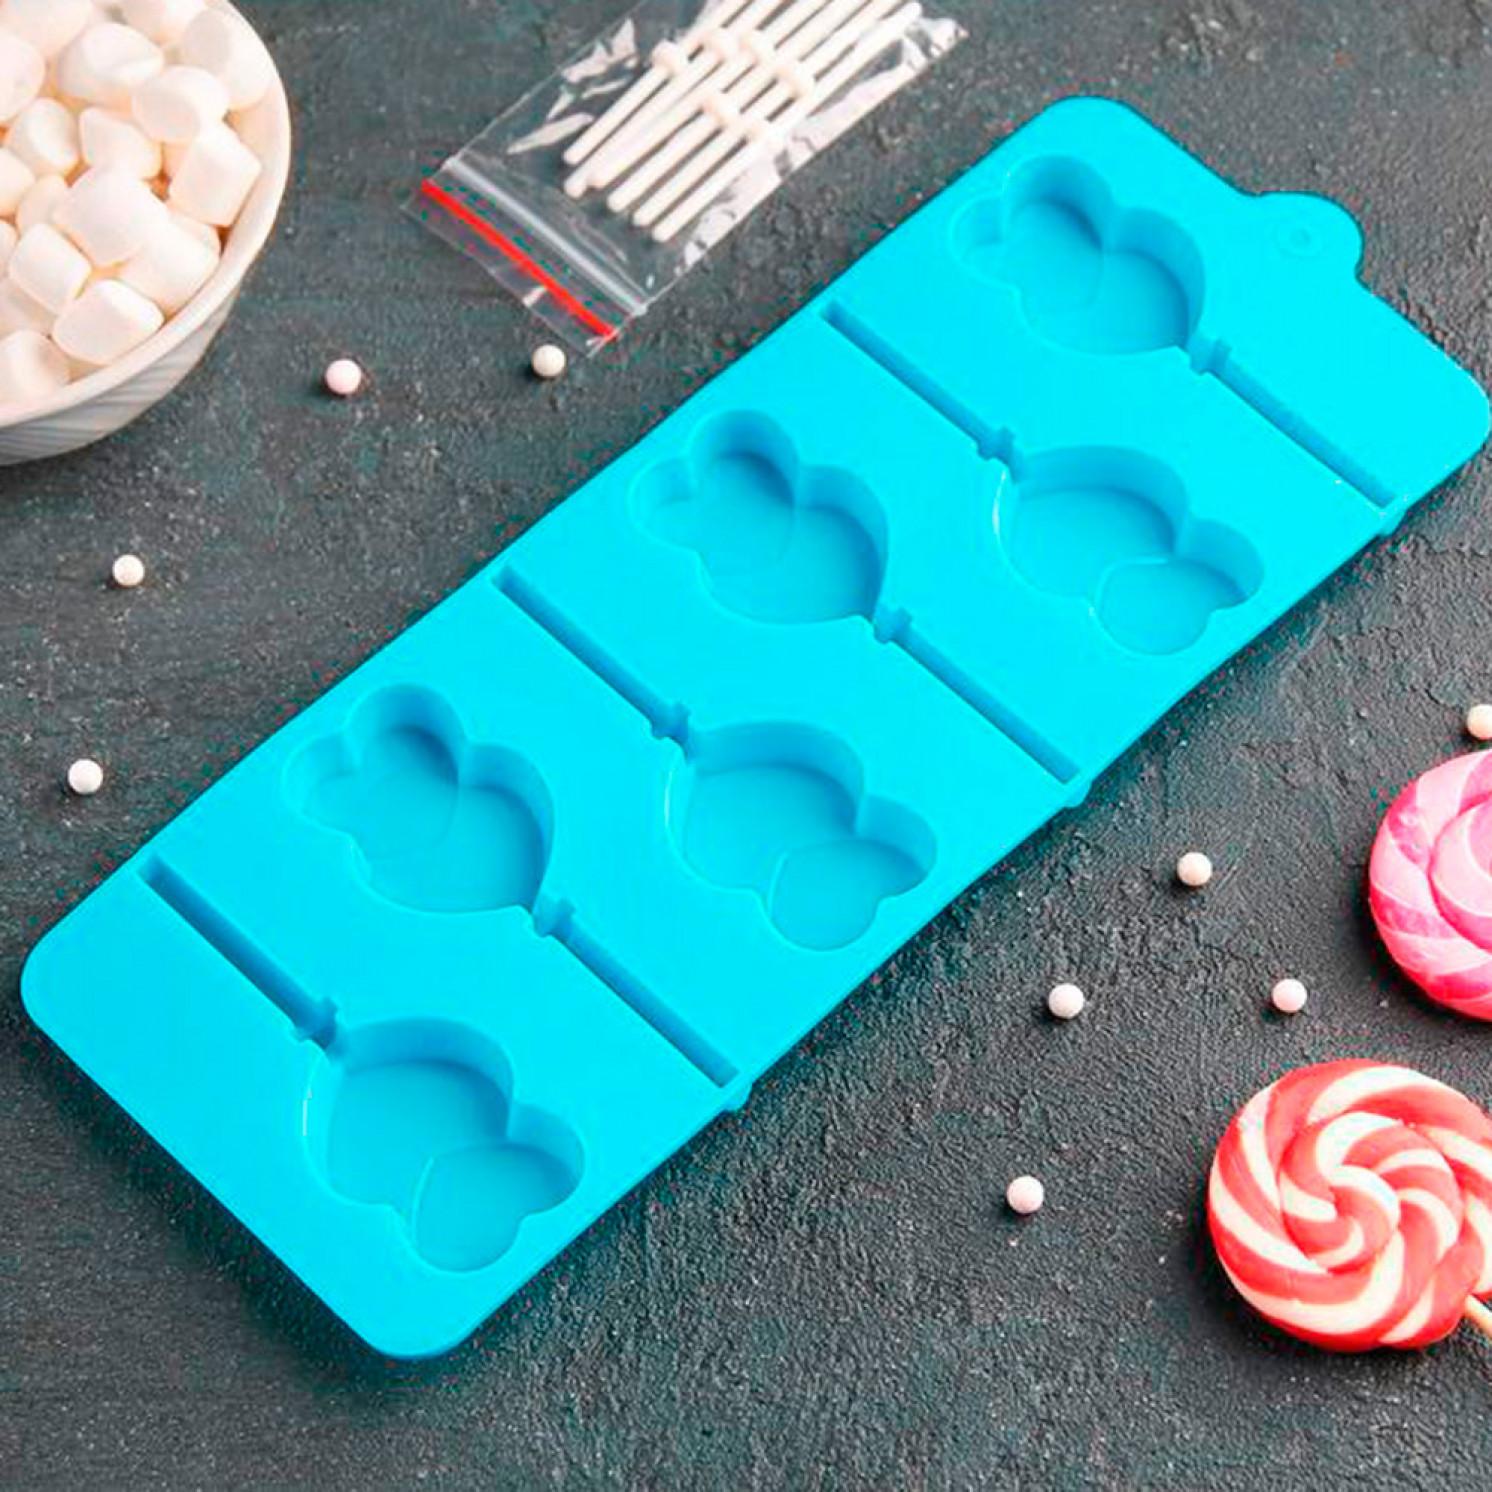 Форма для леденцов и мороженого «Влюблённость», 9,5×24×1 см, 6 ячеек, цвет МИКС